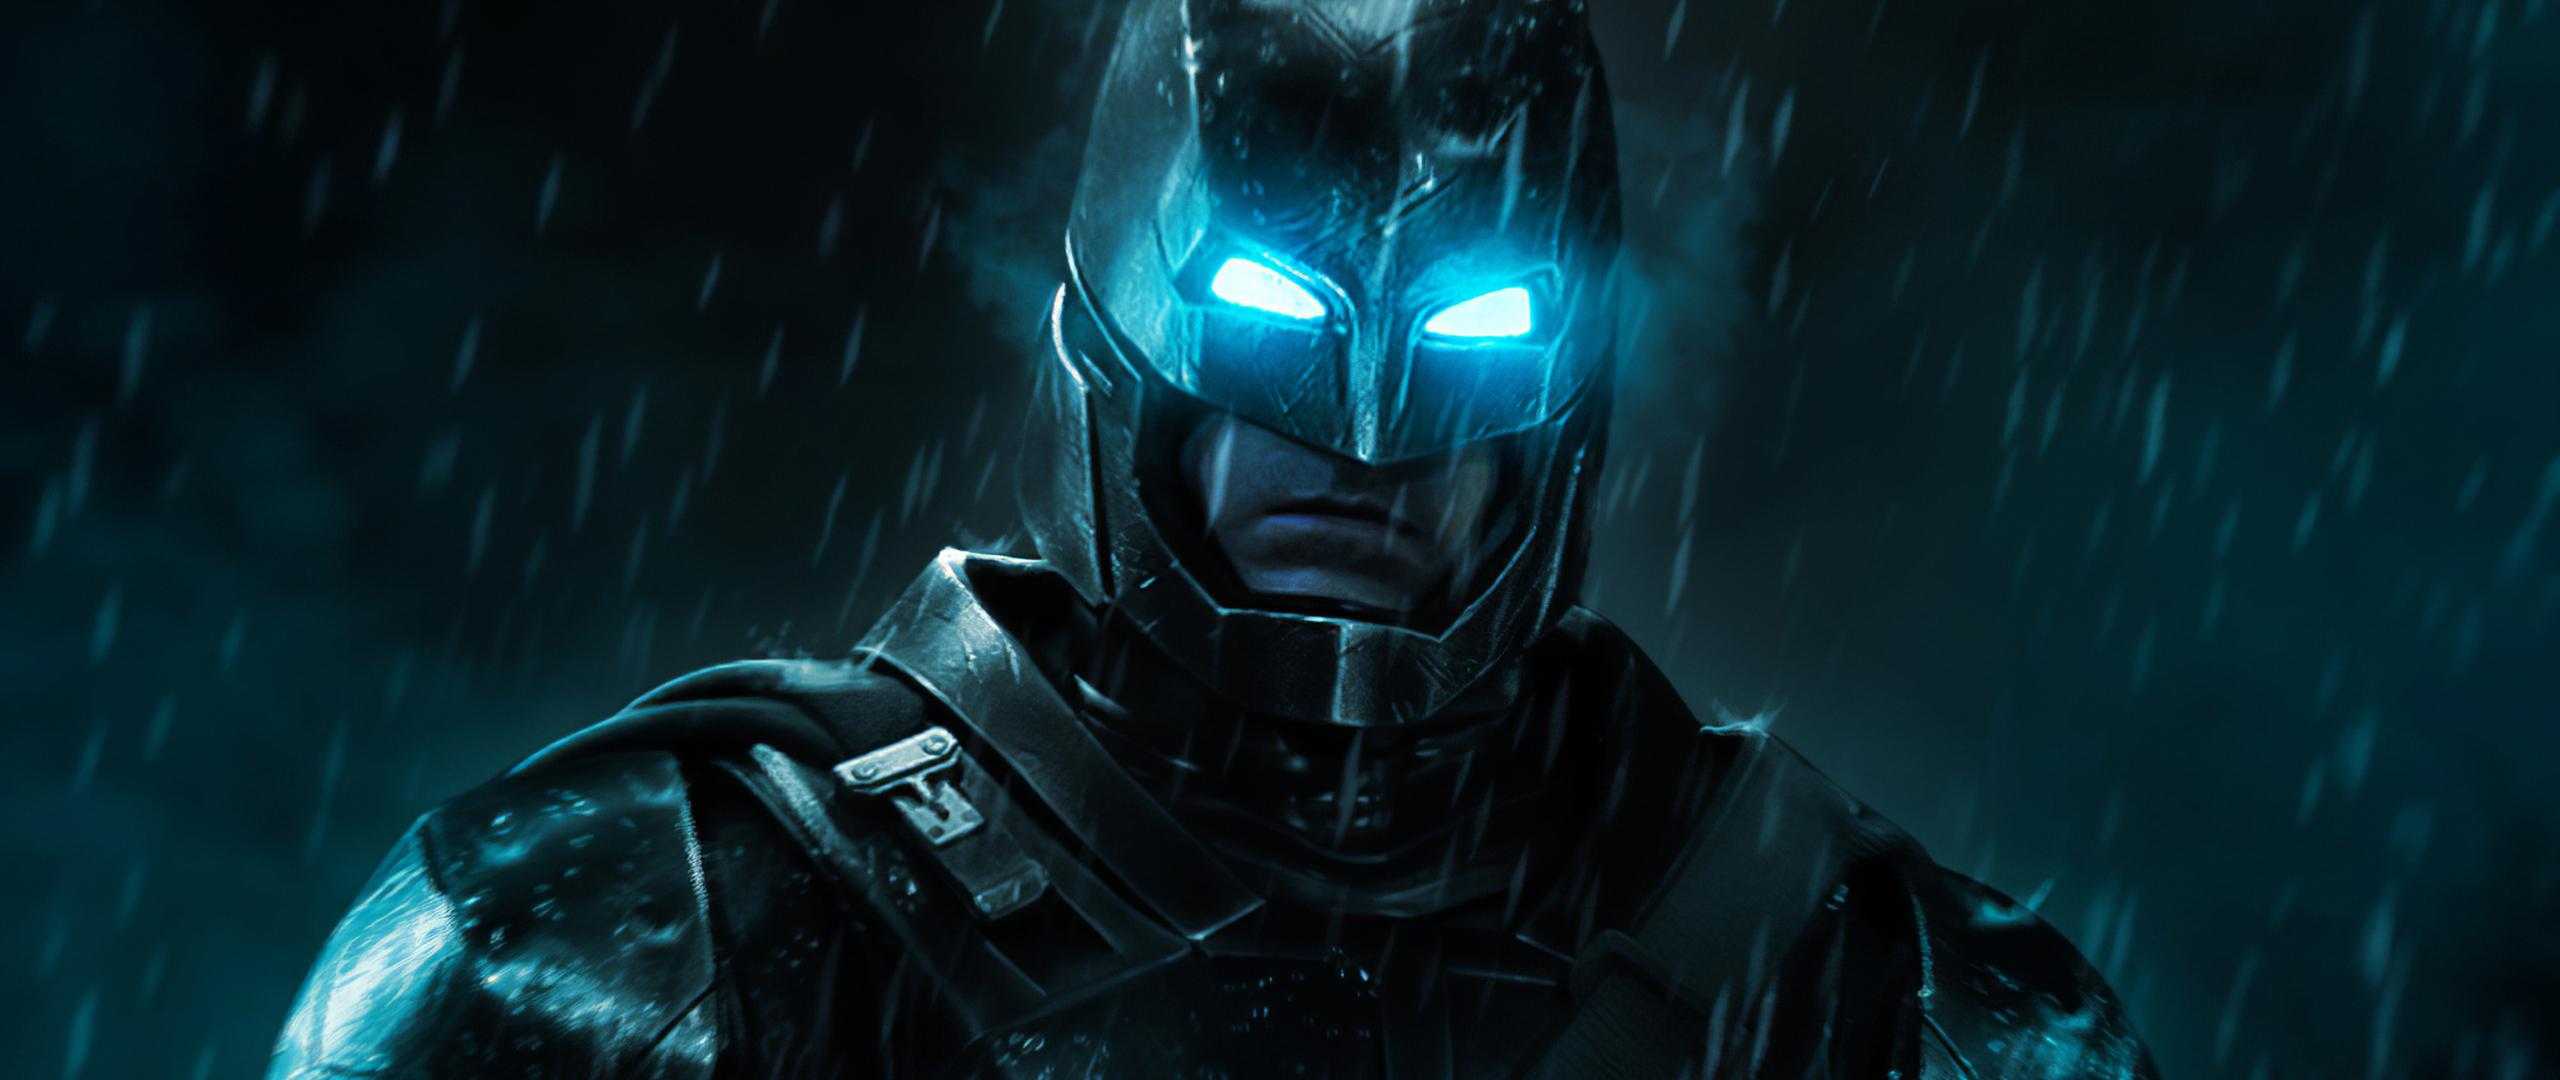 4k-batman-raining-nh.jpg